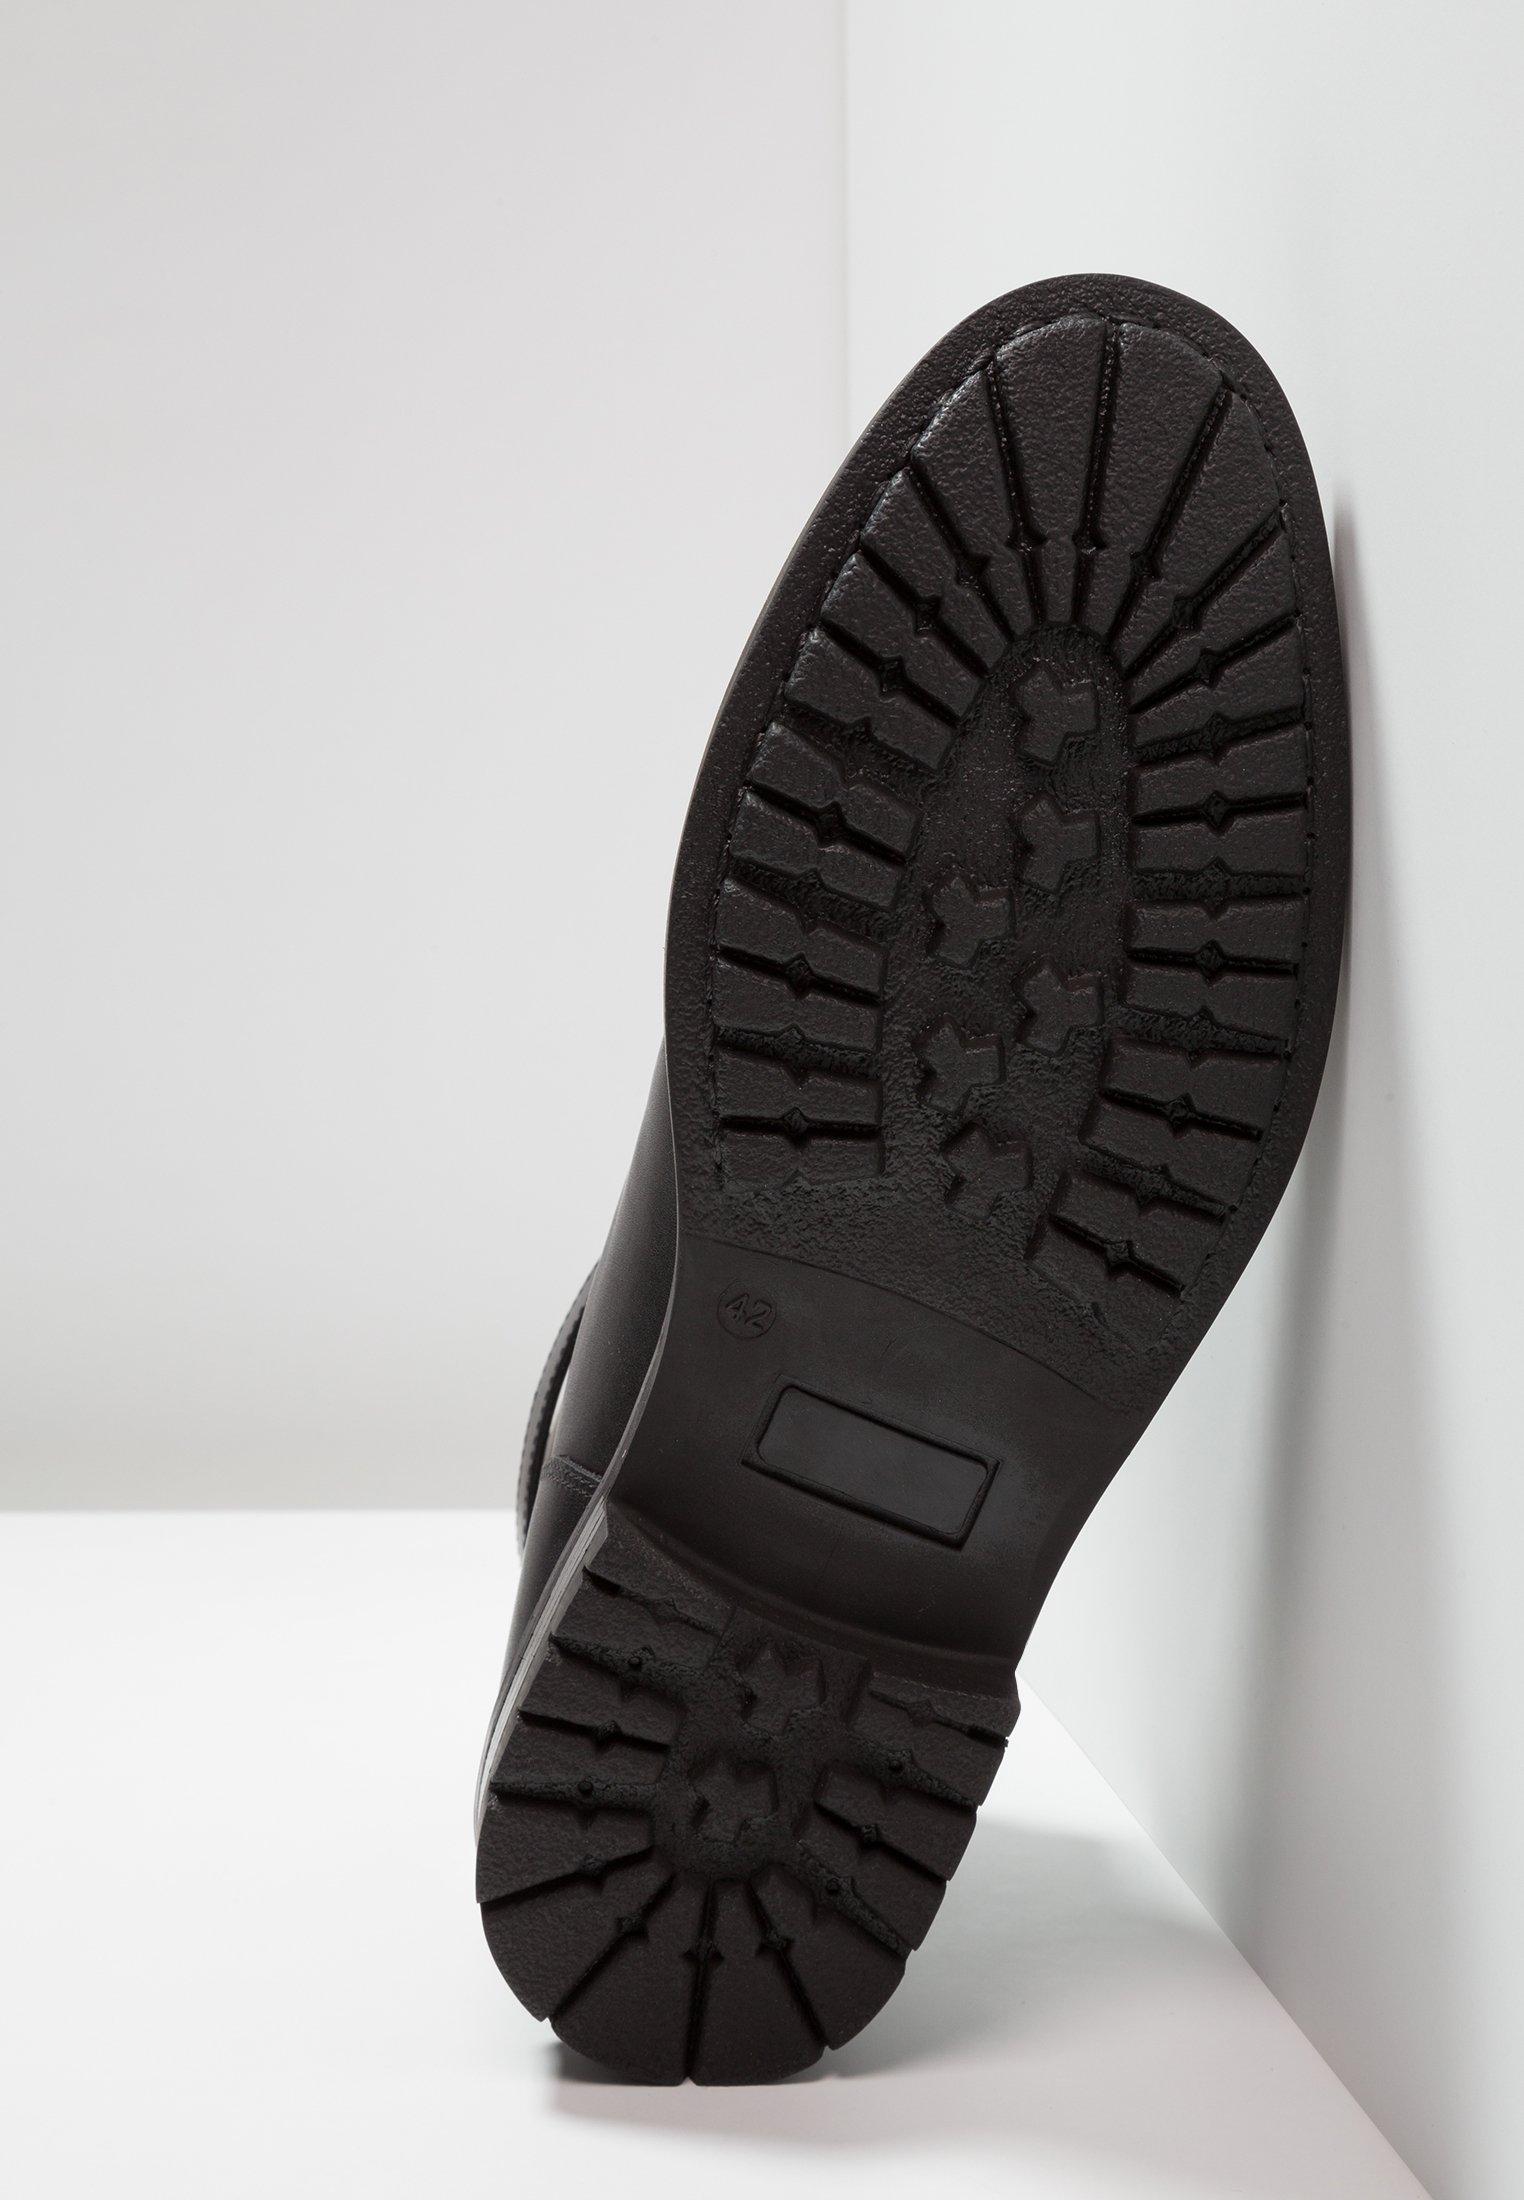 London HillBottines Lacets À Feud Black nOvmN80w